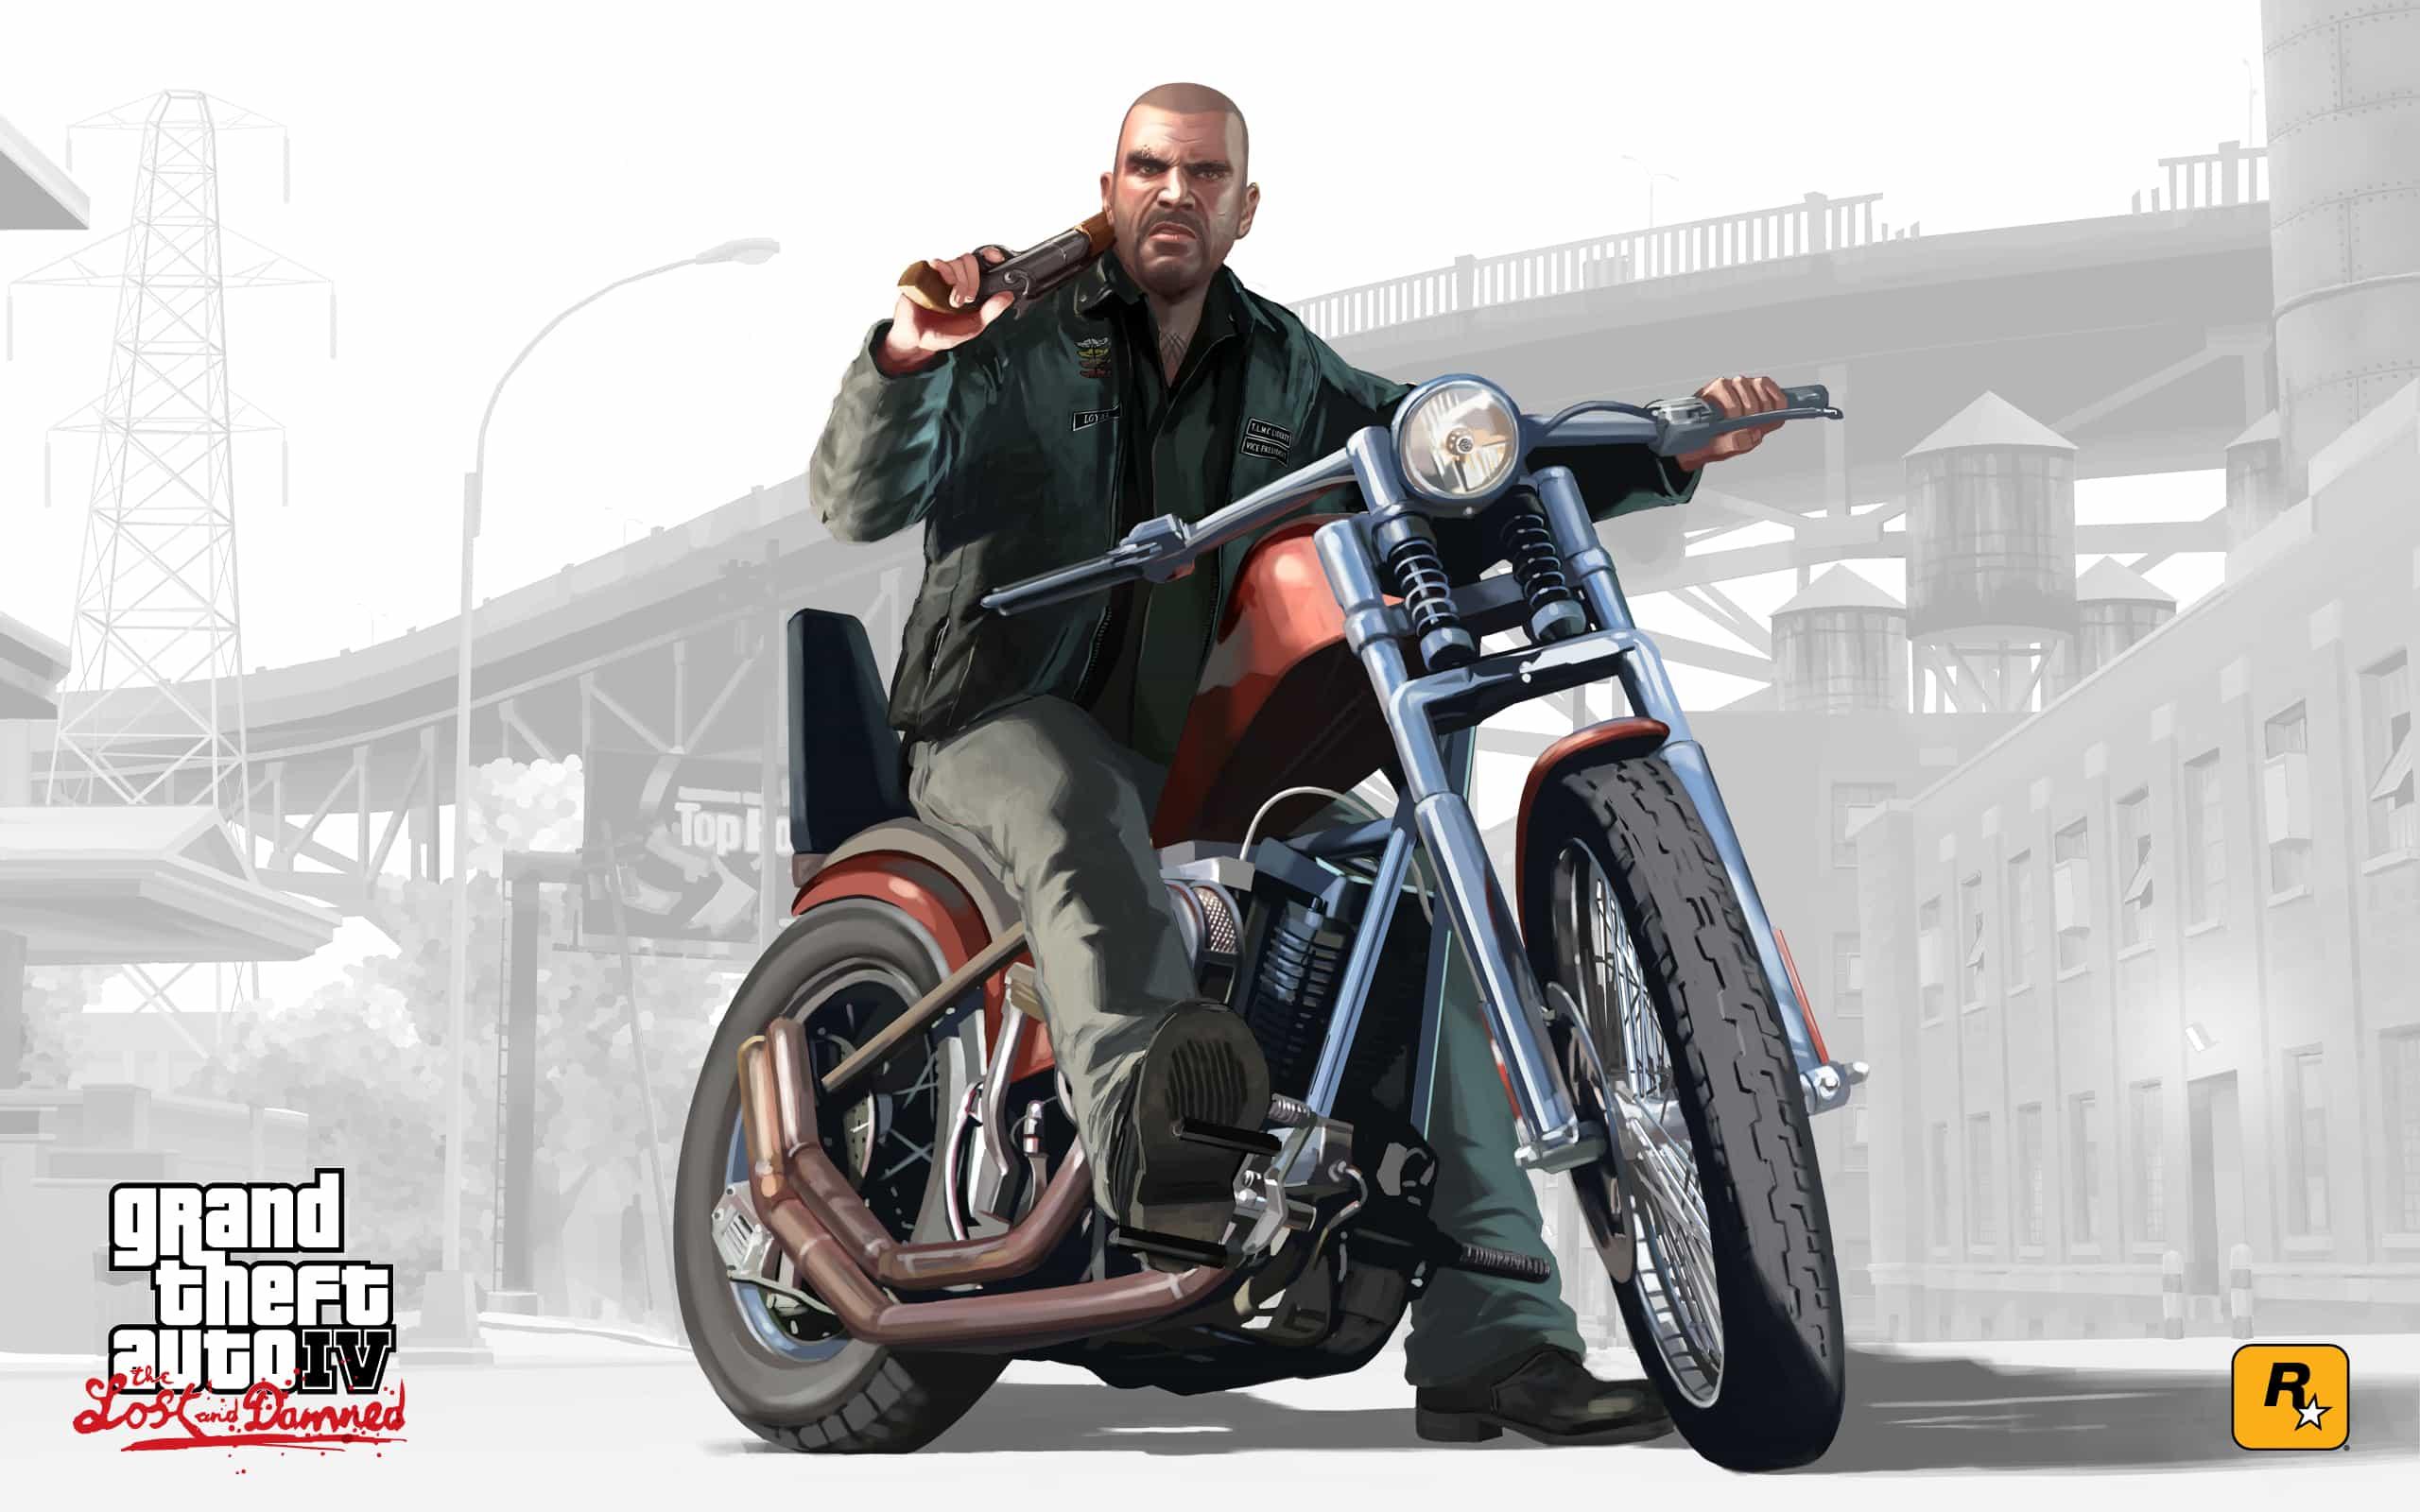 GTA Online Bikers: Johnny Klebitz As Contact? - GTA BOOM